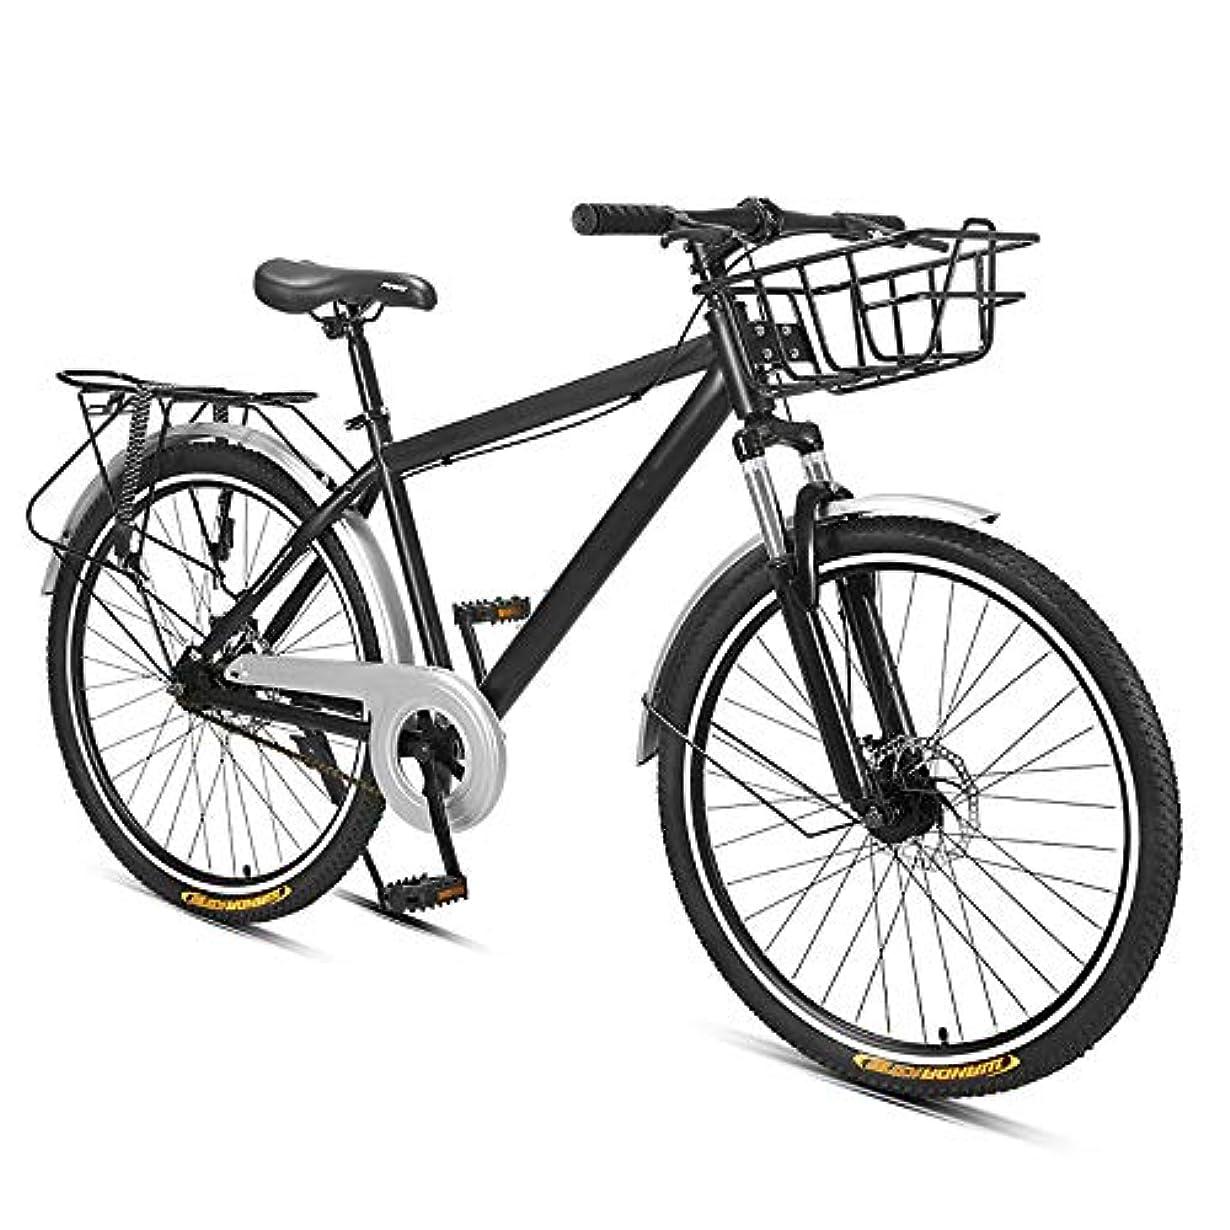 シガレット手順杭26インチマウンテンバイクオフロードダブルショックアブソーバーディスクブレーキ自転車ベルとケトルラックが男性と女性の大人に使用